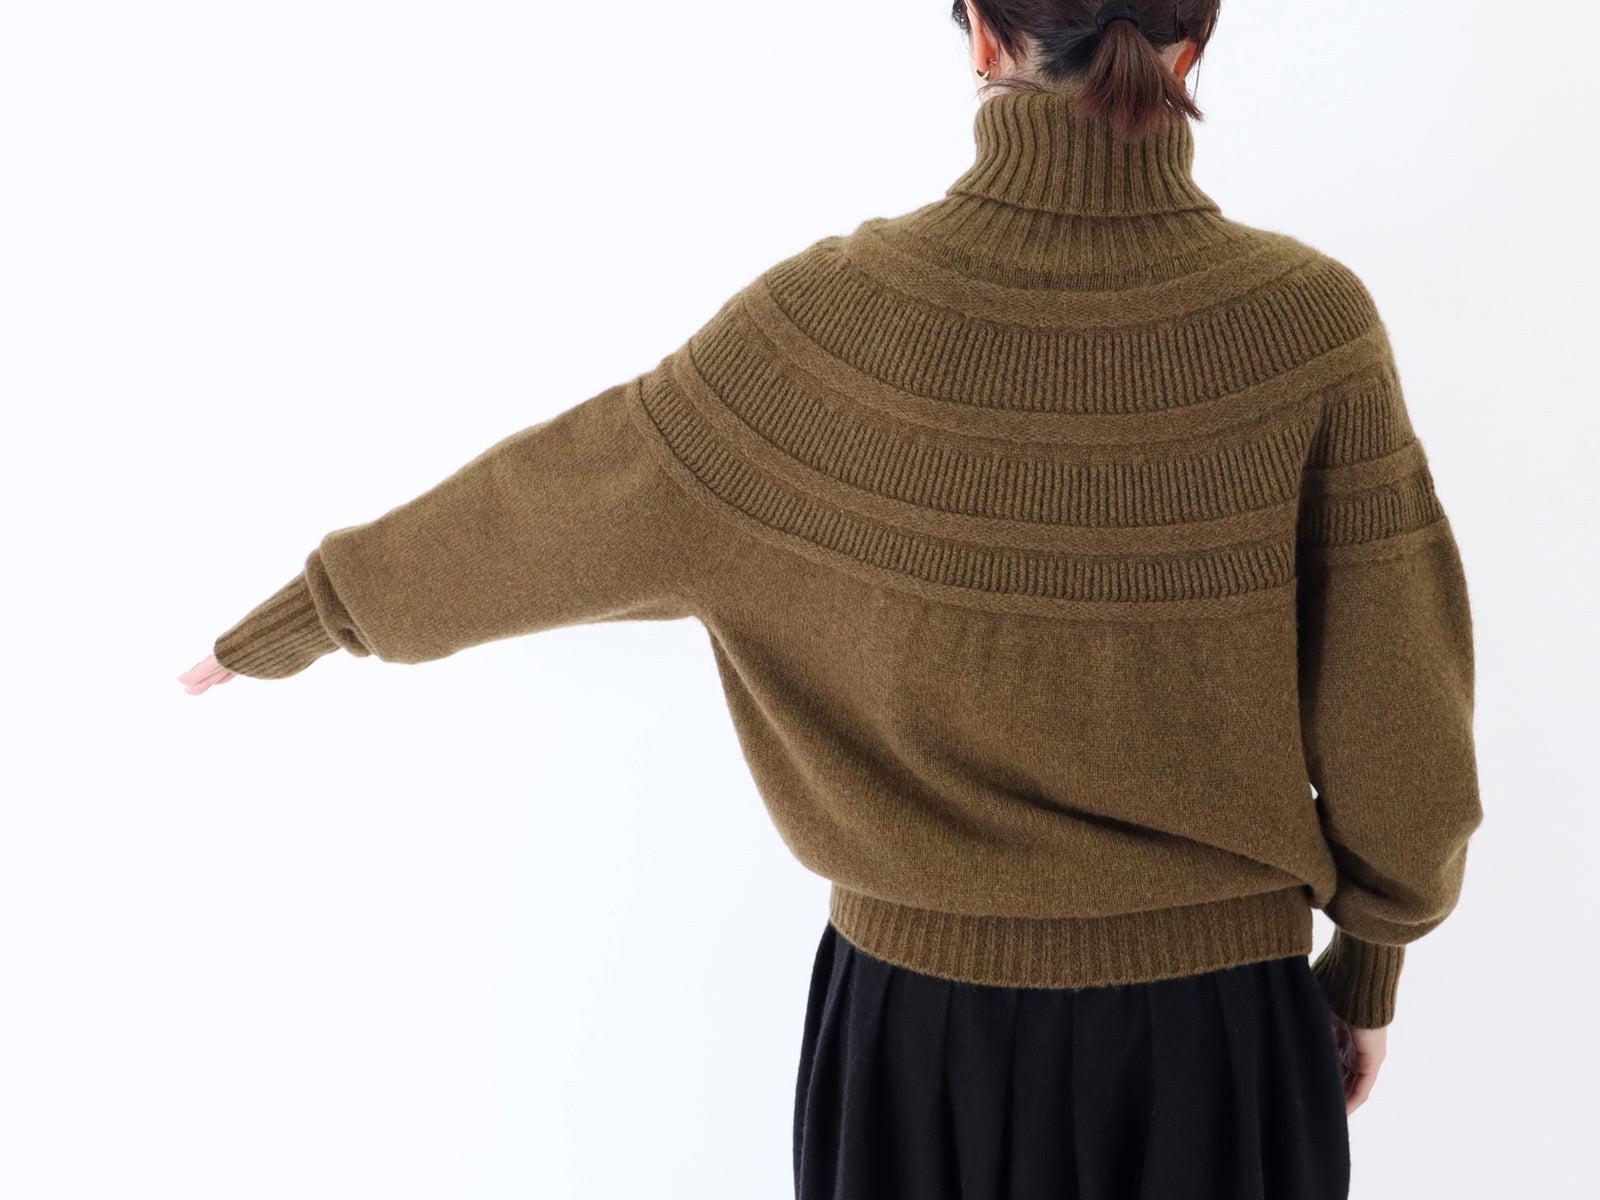 日本奶奶家 蒙古高原氂牛上衣 三色 size